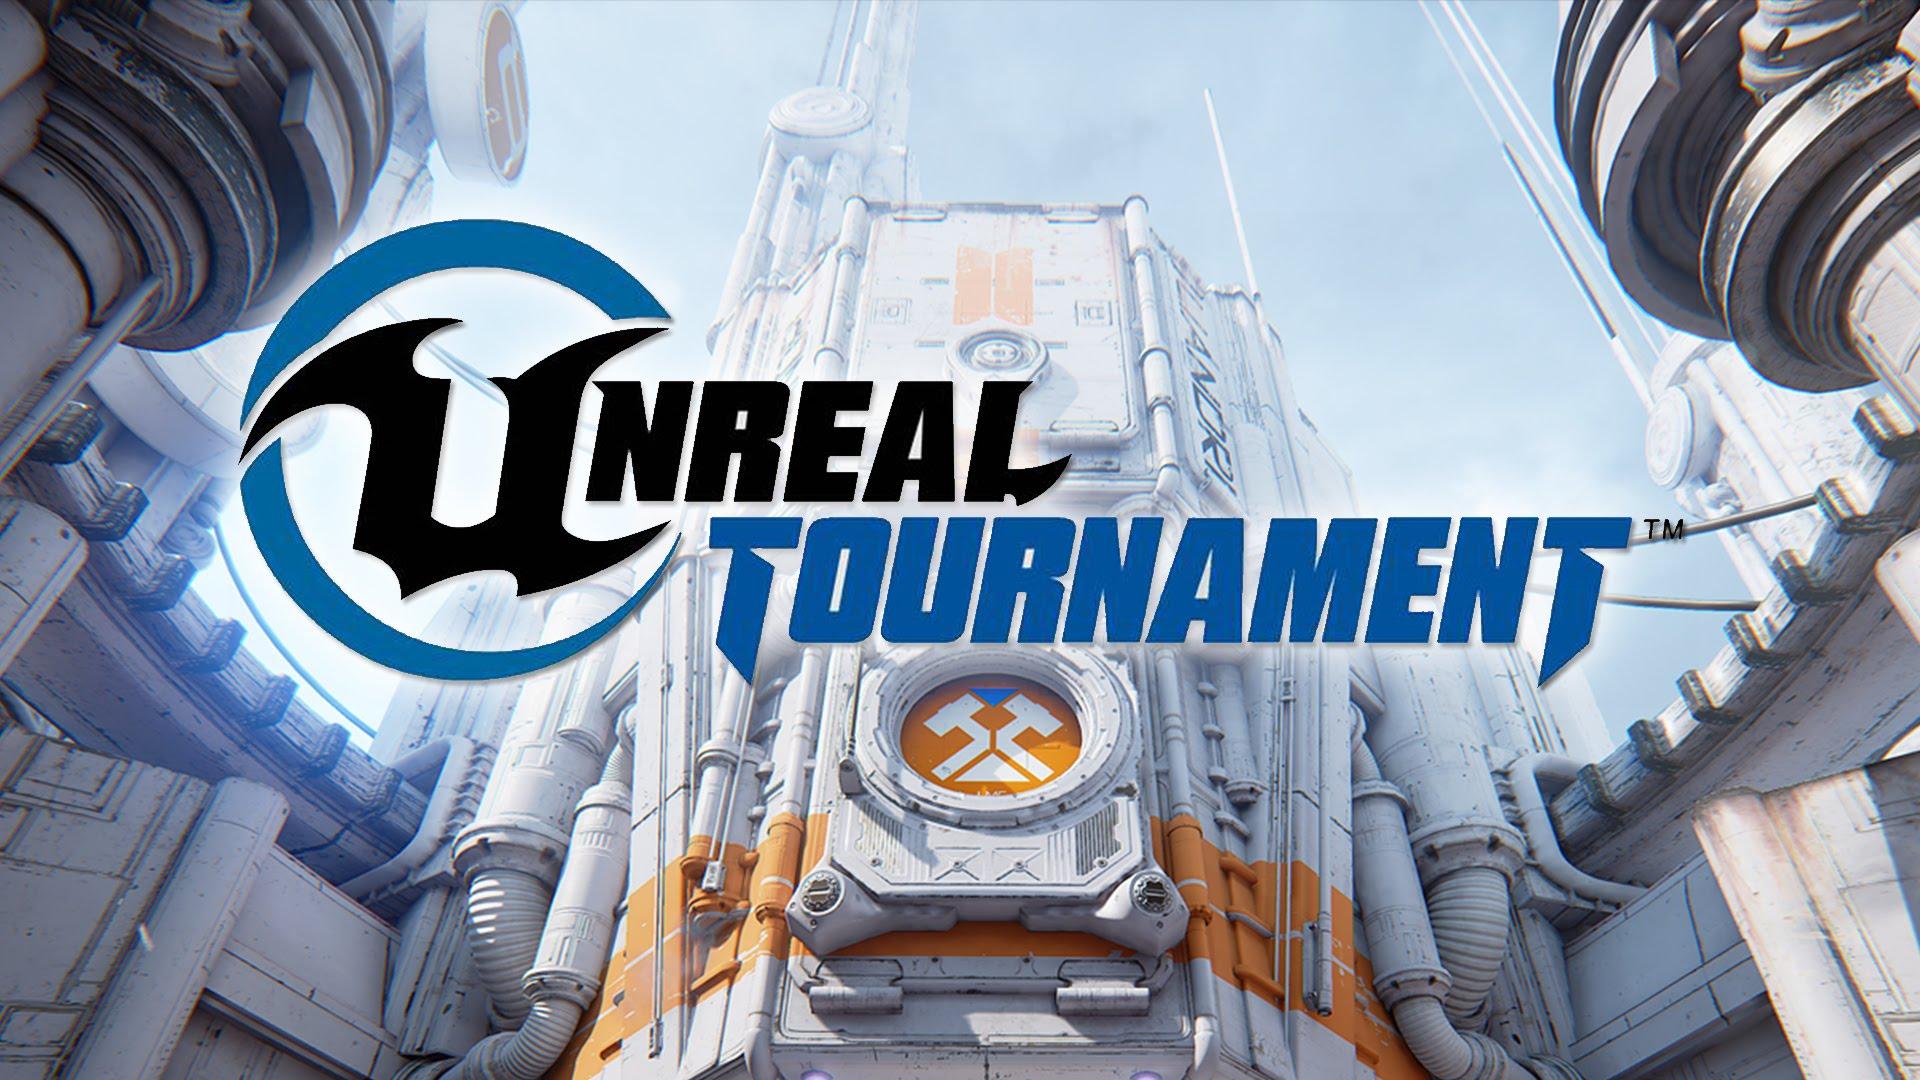 Unreal-Tournament-Pre-Alpha-Wallpaper